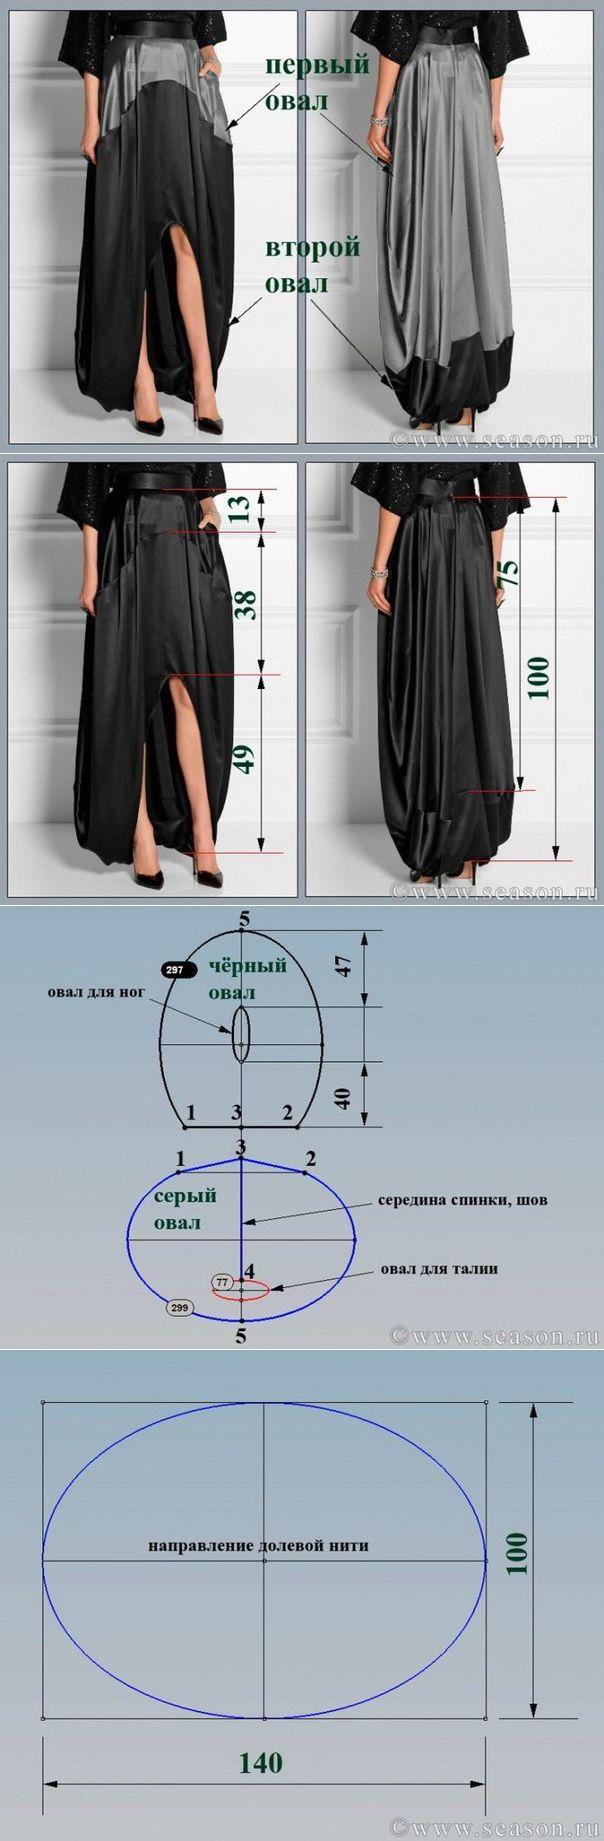 Ателье дизайнерской одежды: шитье, крой, вязание.Юбка-кокон из двух овалов от Oscar de la Renta.